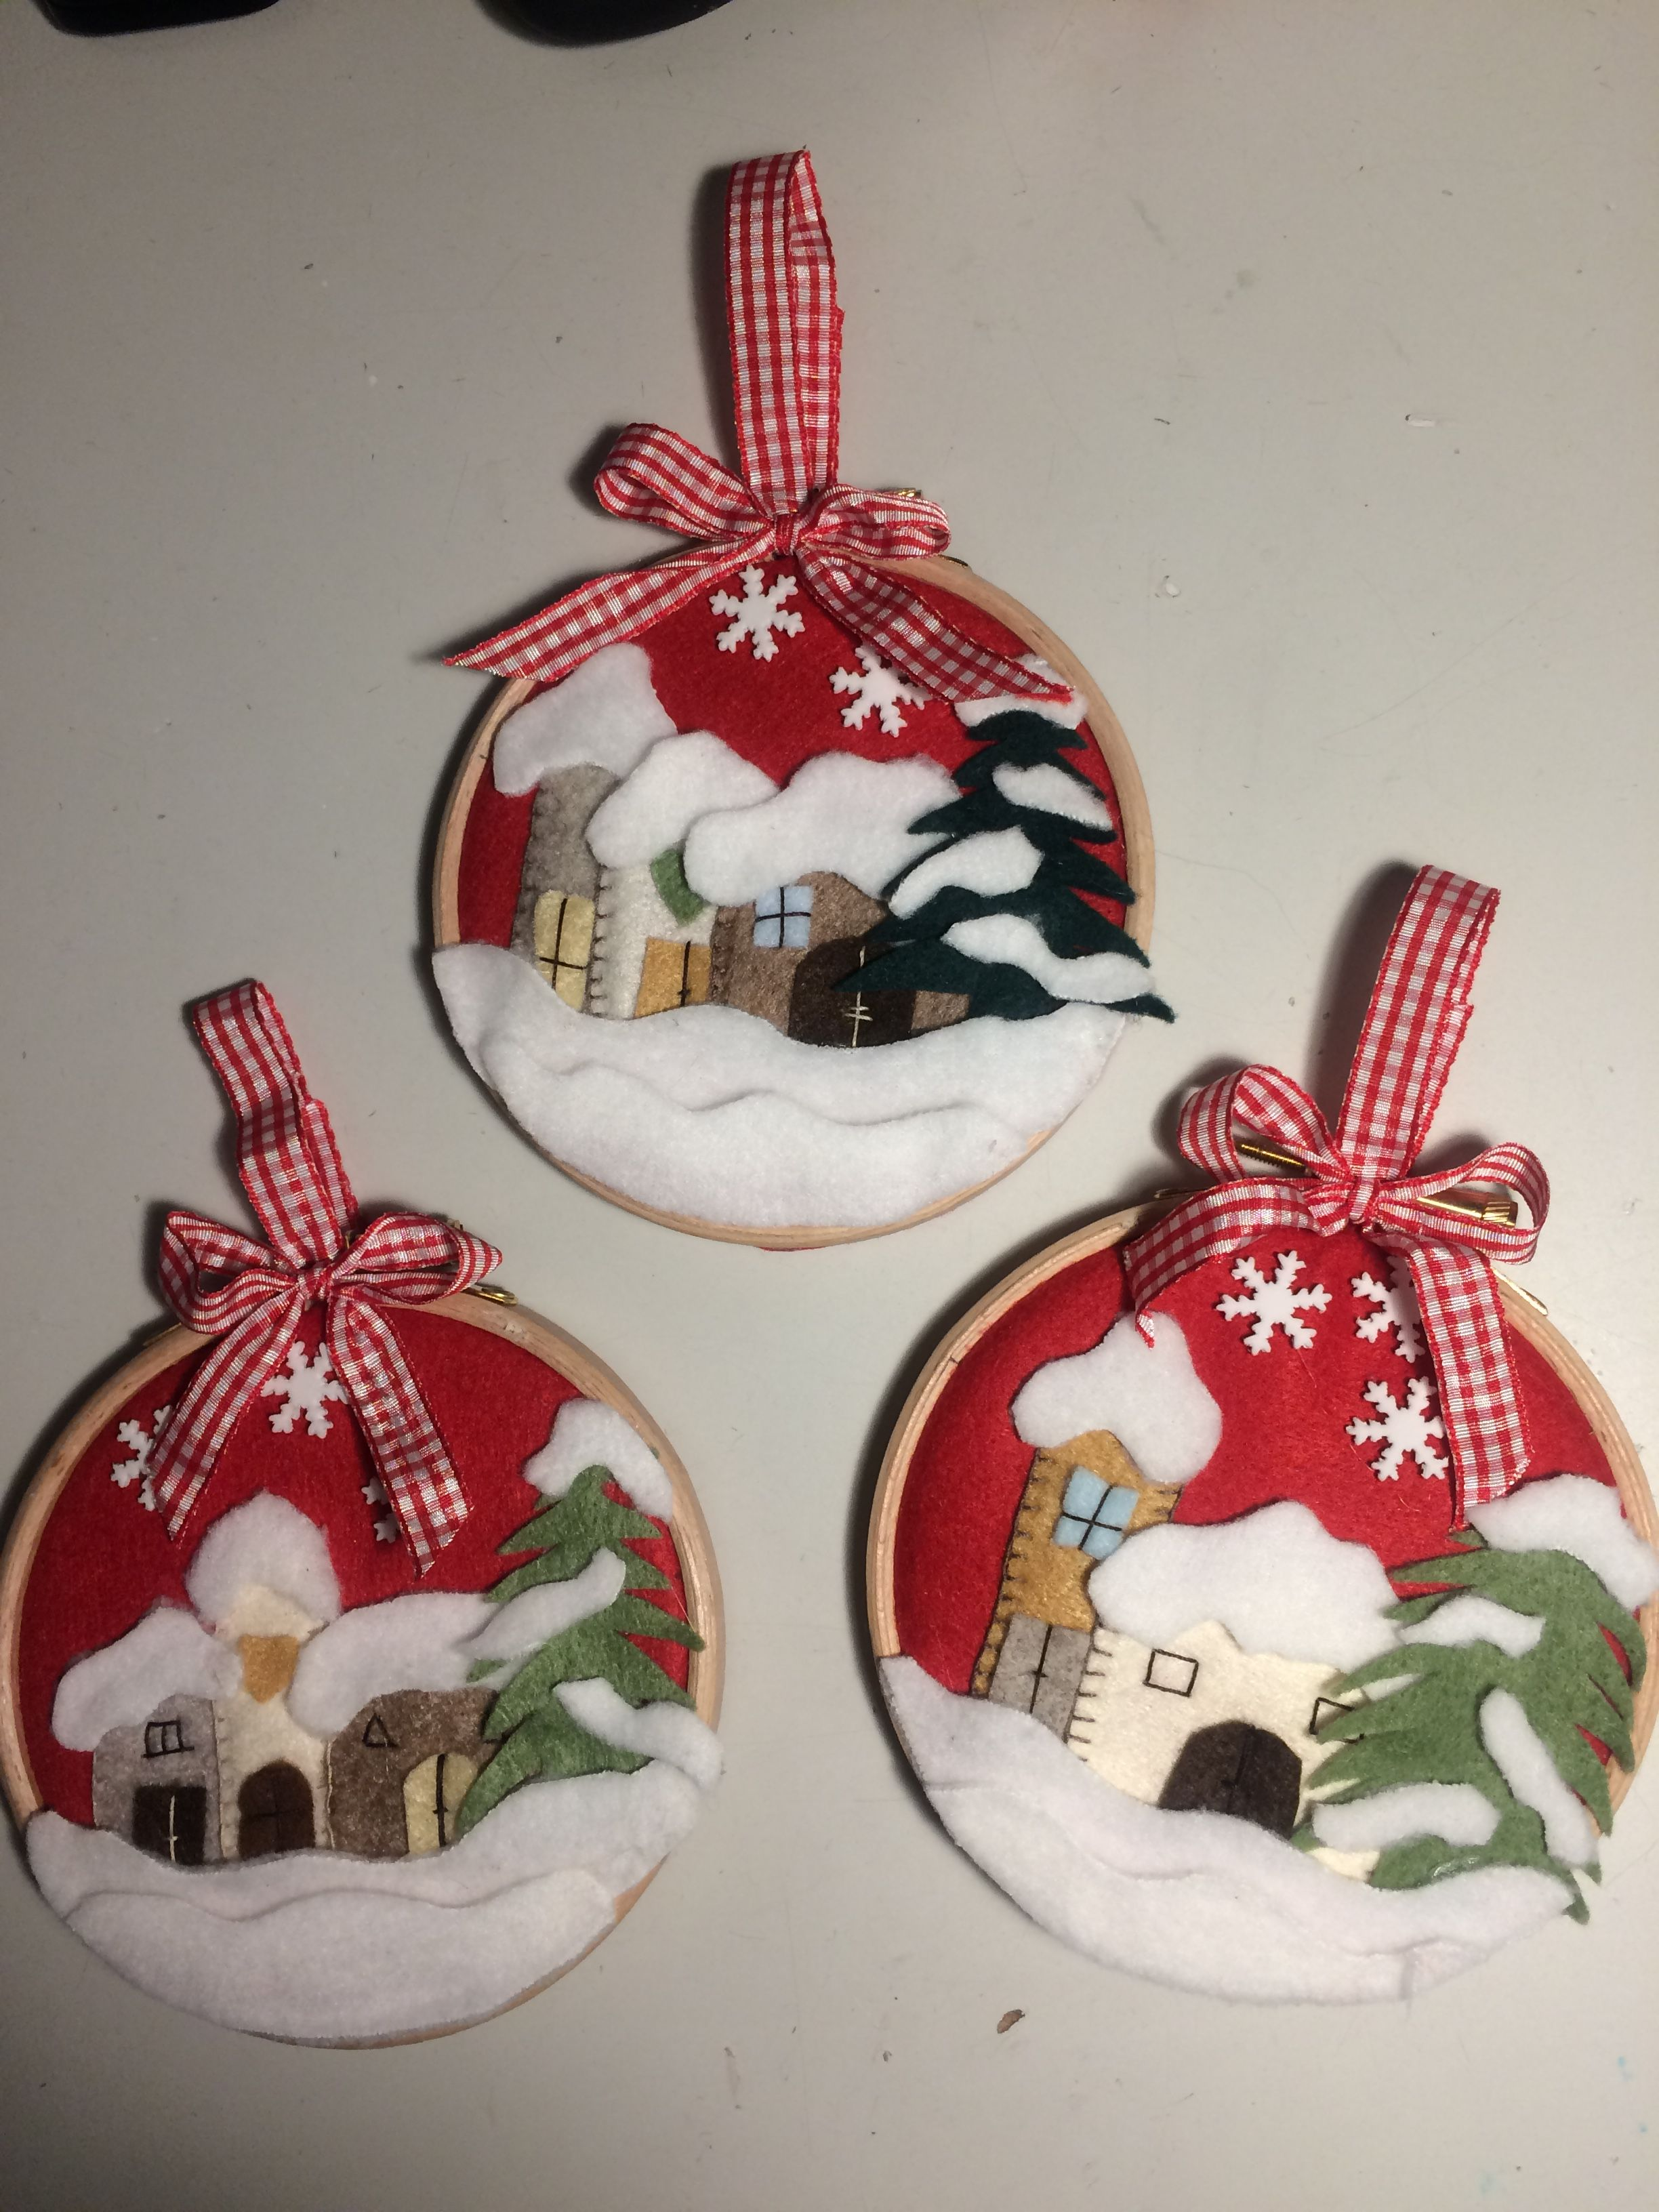 Pannolenci Lavoretti Di Natale.Tamburelli Da Appendere All Albero Di Natale Decorazioni Natalizie Progetti Di Natale Idee Natale Fai Da Te